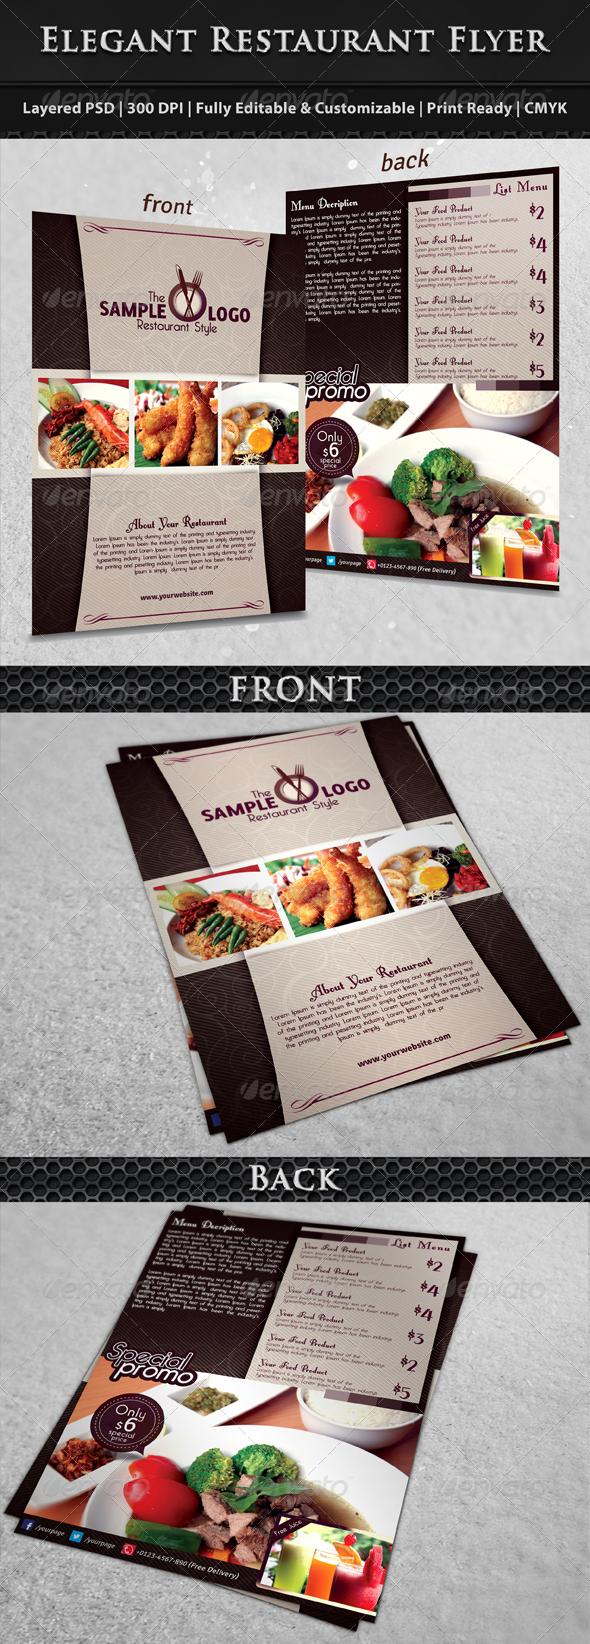 GraphicRiver Modern & Elegant Restaurant Food Menu Flyer 6242721